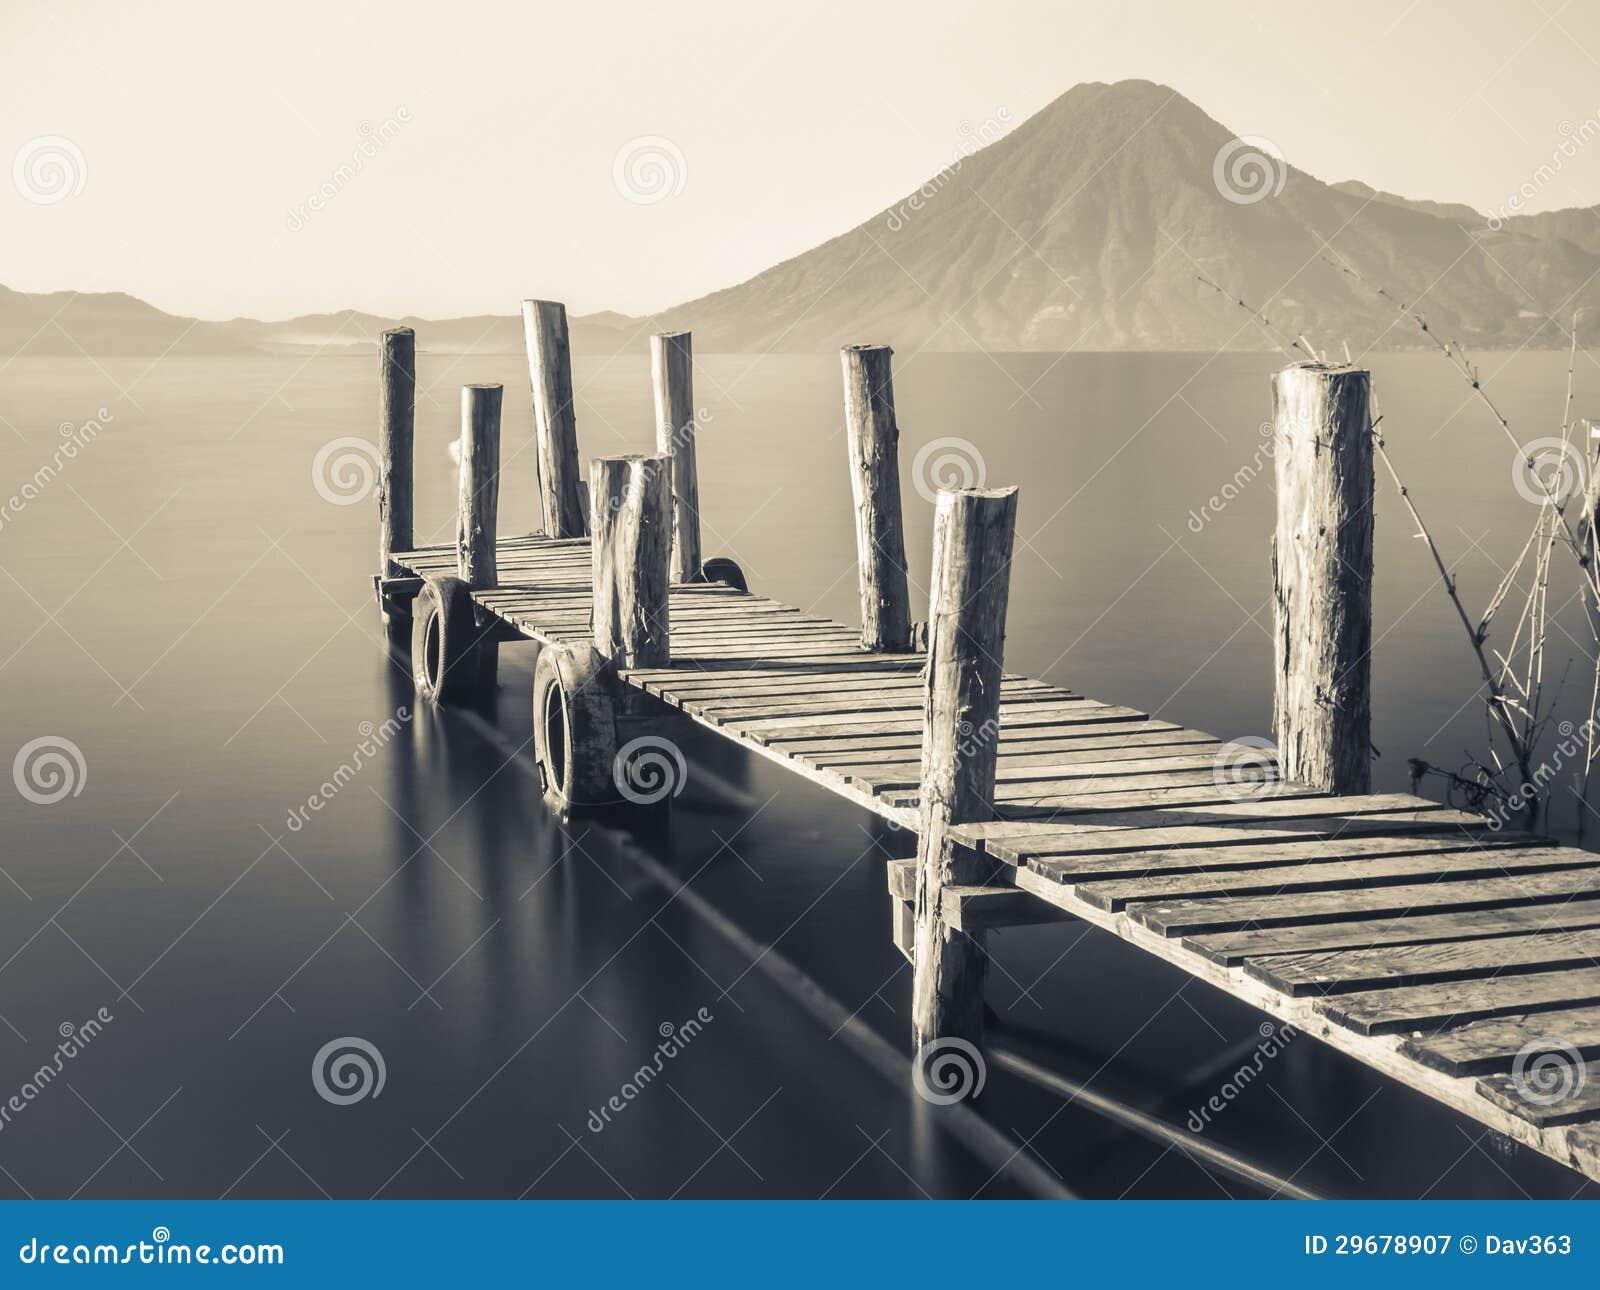 Legno Bianco E Nero : Bianco e nero tessiturali sfondo da tavole di legno foto